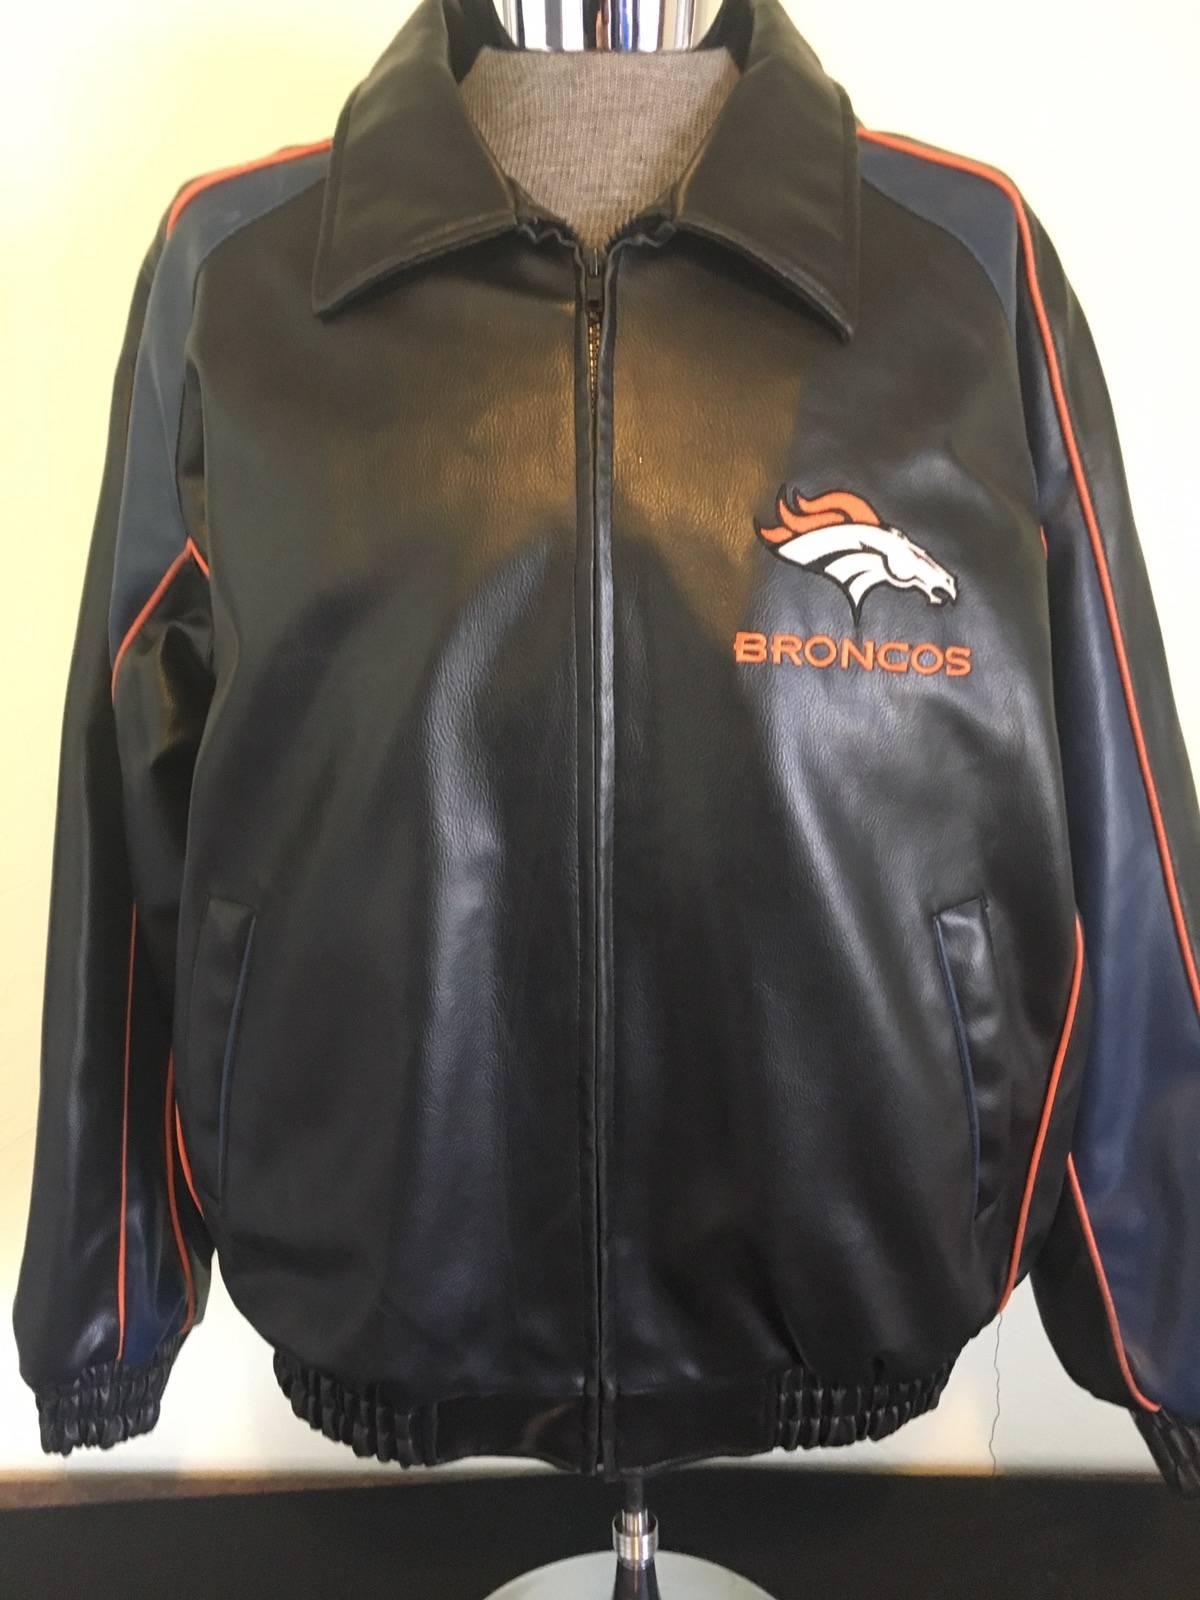 separation shoes 56eac 2276a Nfl Denver Broncos Faux Leather Jacket Size Xl $49